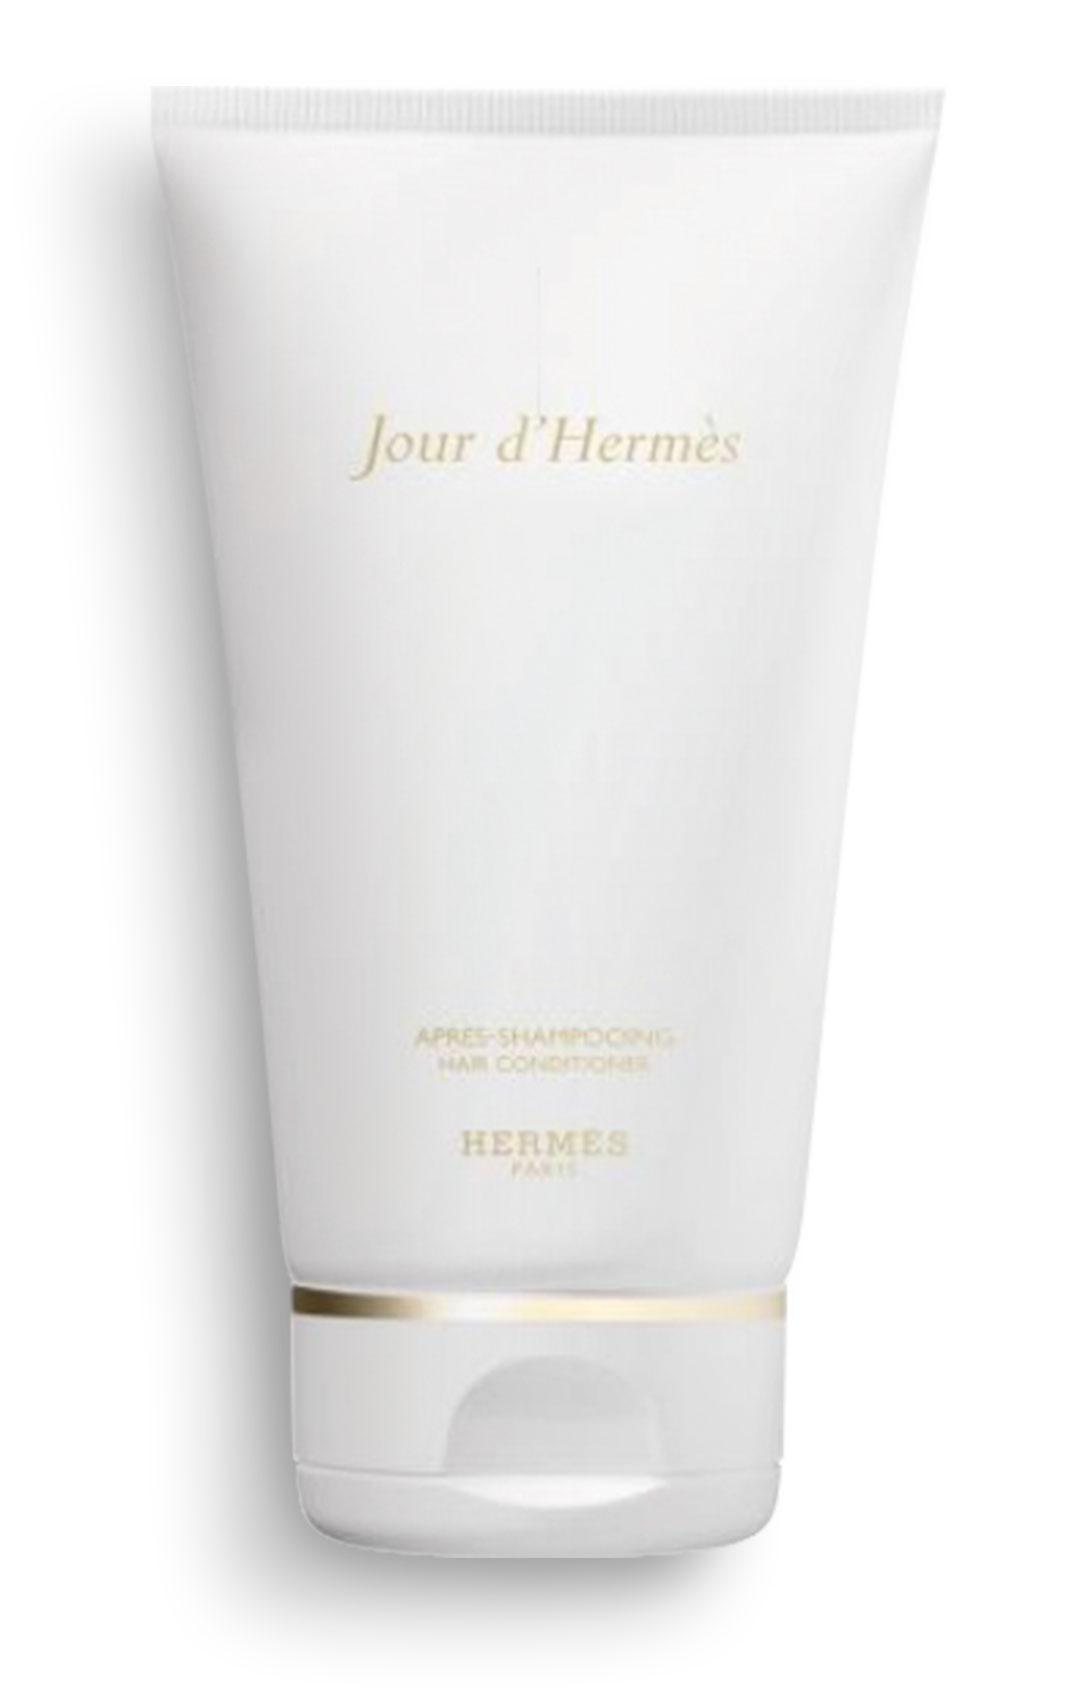 Hermès - Jour d'Hermès - Shampooing 150 ml.